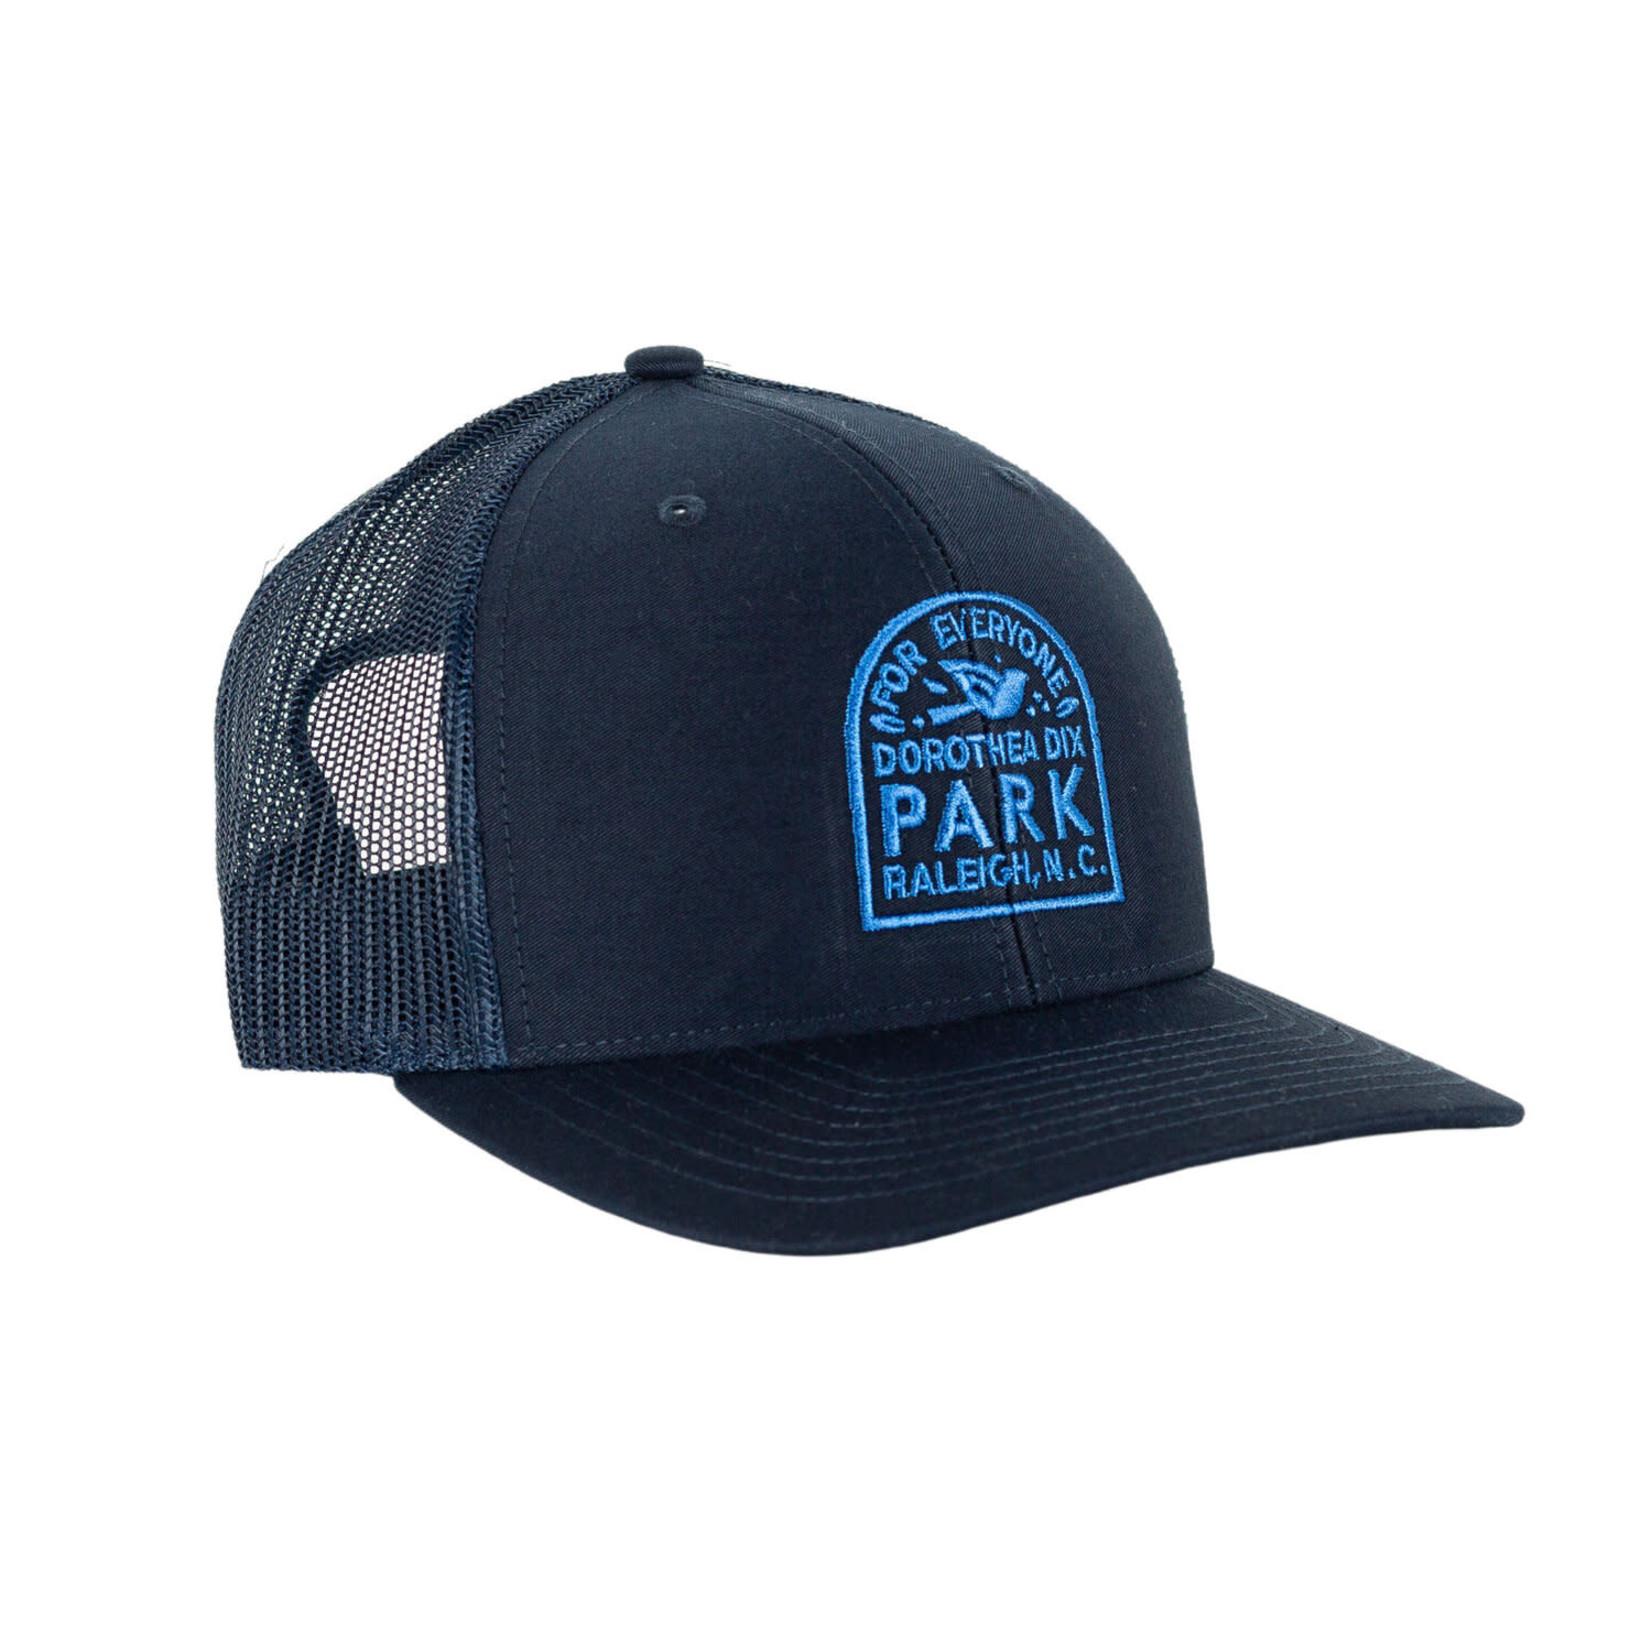 Dix Park Conservancy Dix Park Cap